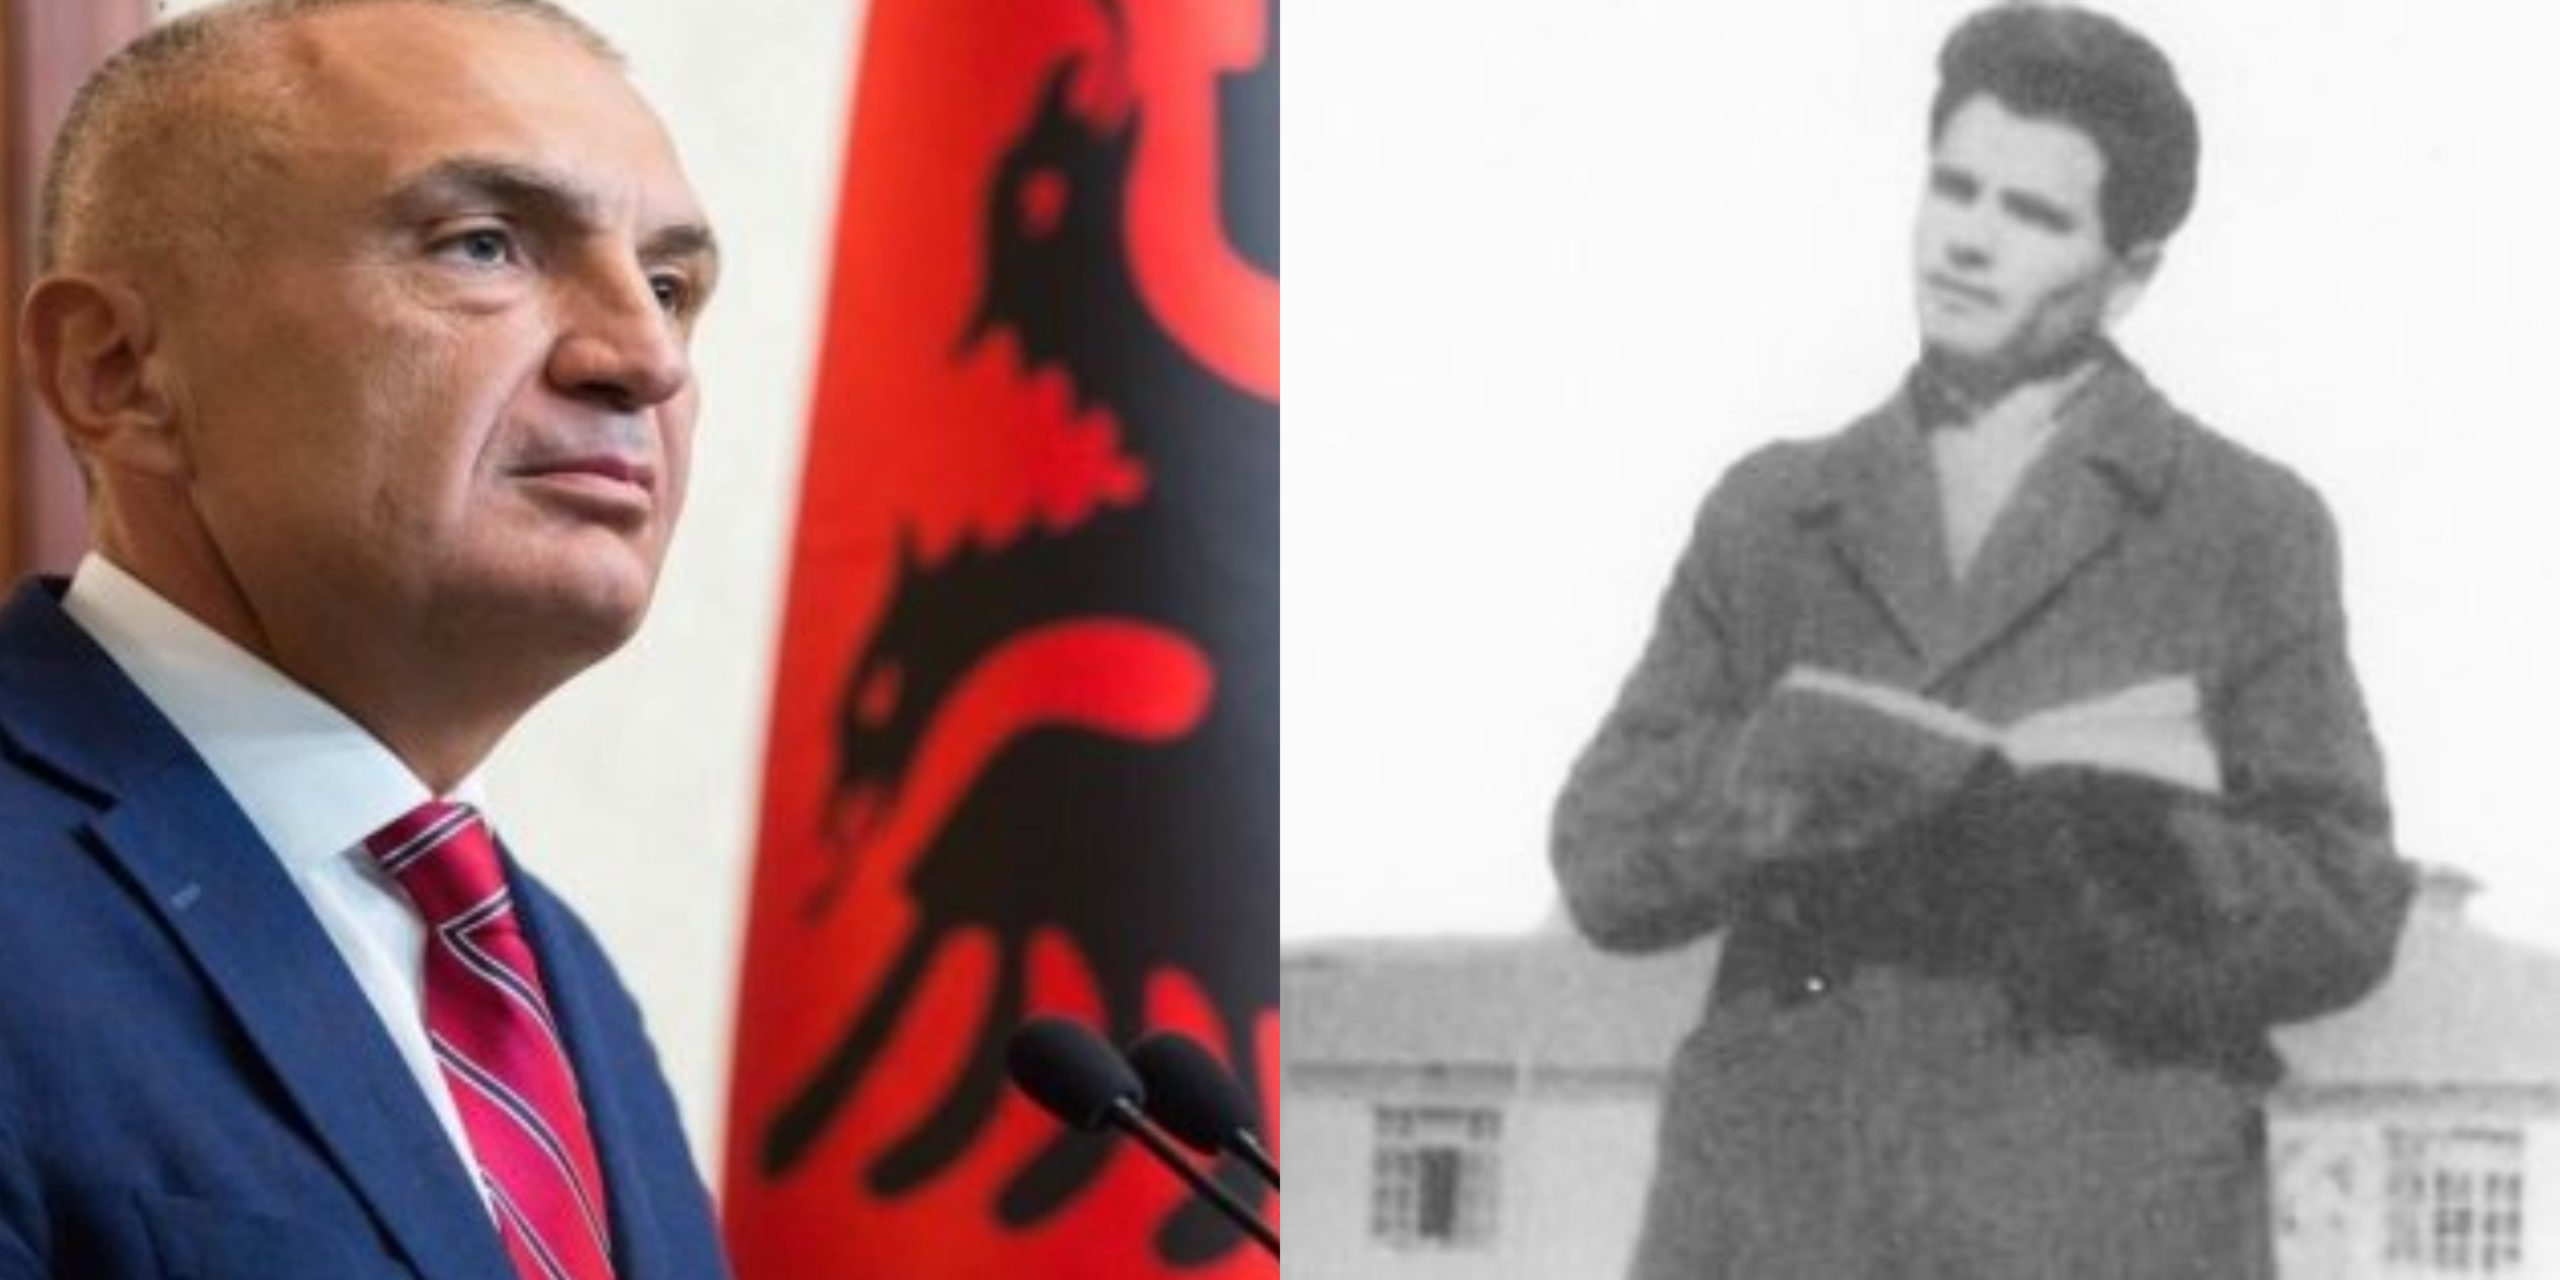 32-vjetori i ekzekutimin të Havzi Nelës, Meta: Litari i xhelatëve nuk do të vrasë ëndrrat e shqiptarëve